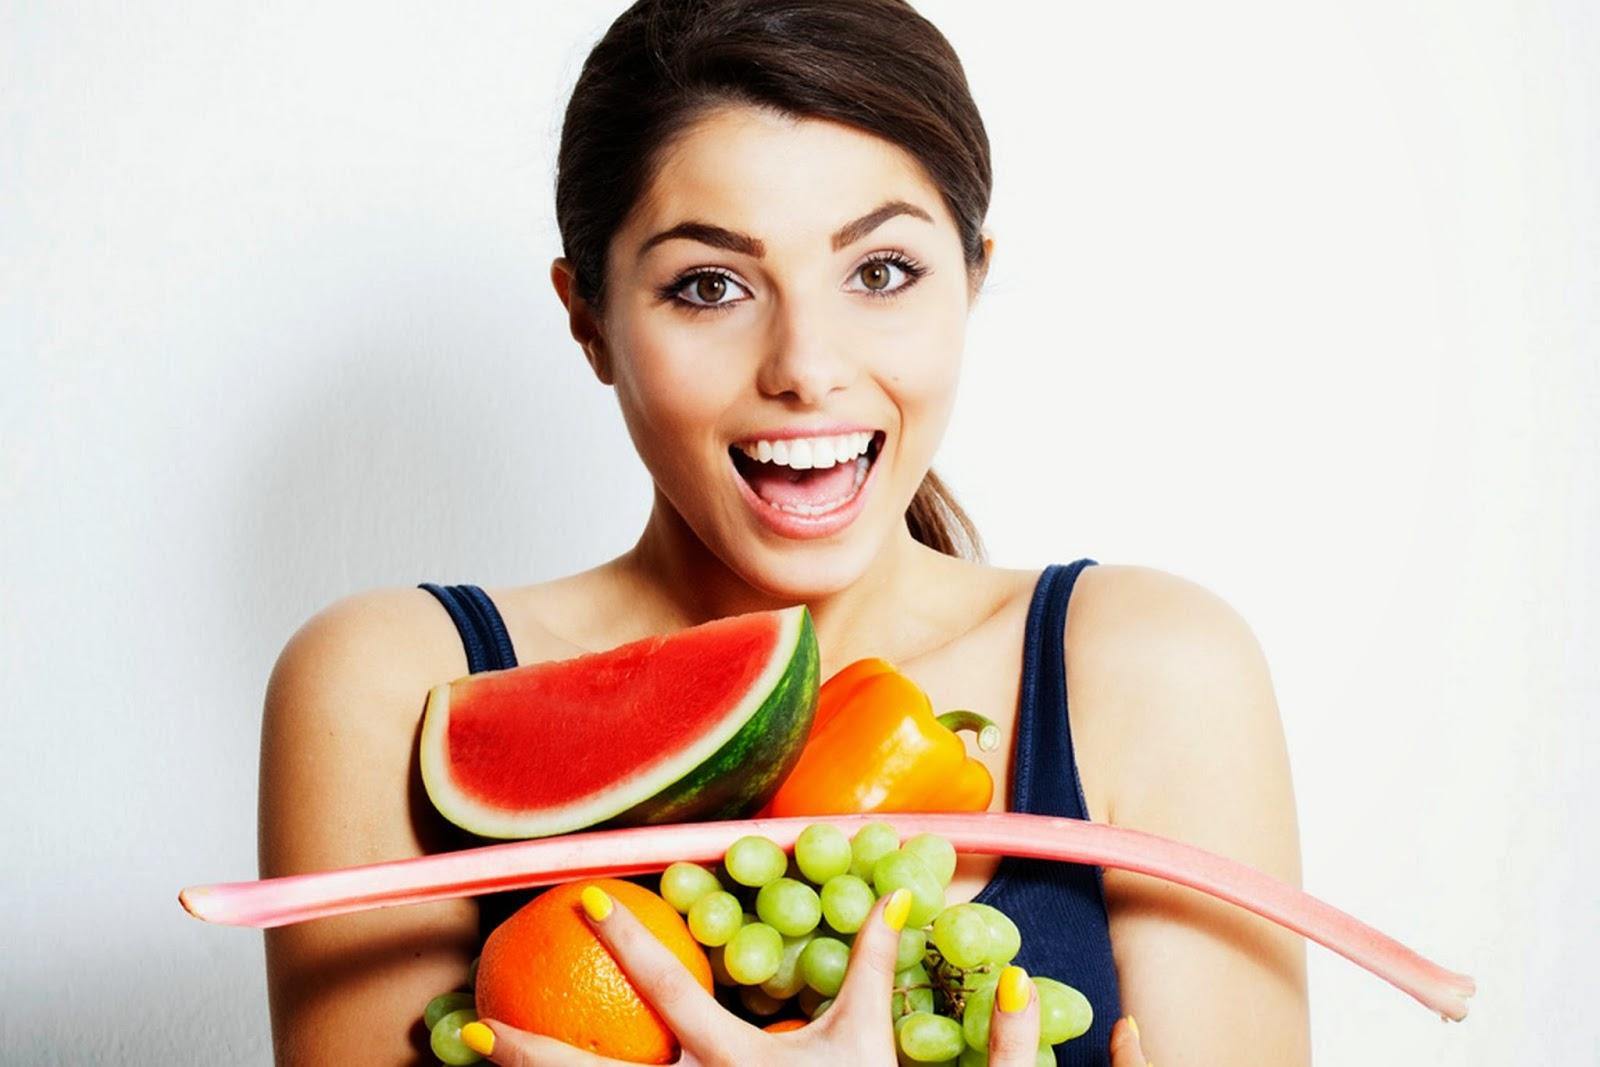 14 Makanan Rendah Kalori Yang Baik dan Aman di Konsumsi saat Diet